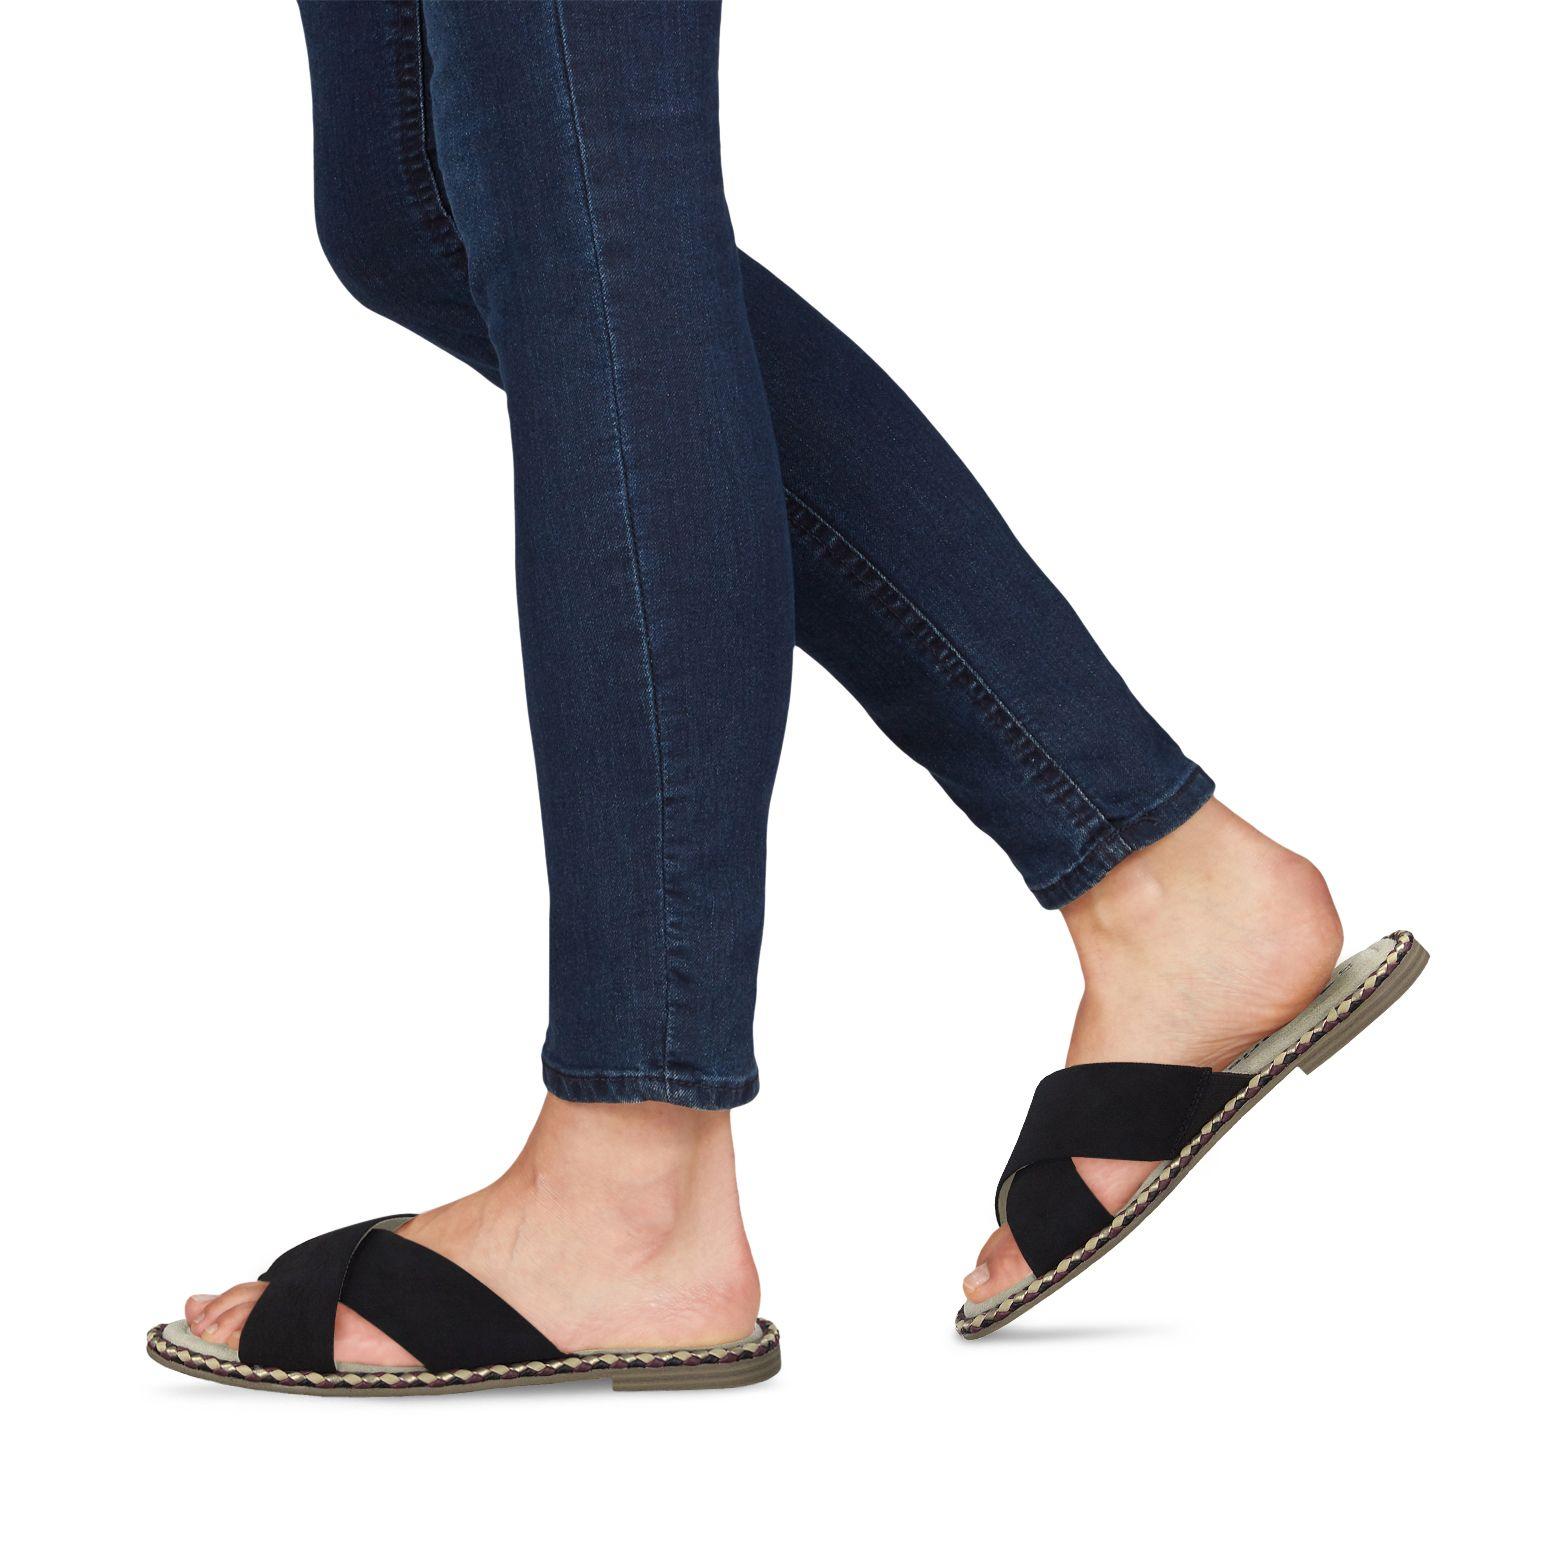 1 1 Pantoletten 27138 30Tamaris Kaufen Pantolette Online 8nmNwv0O